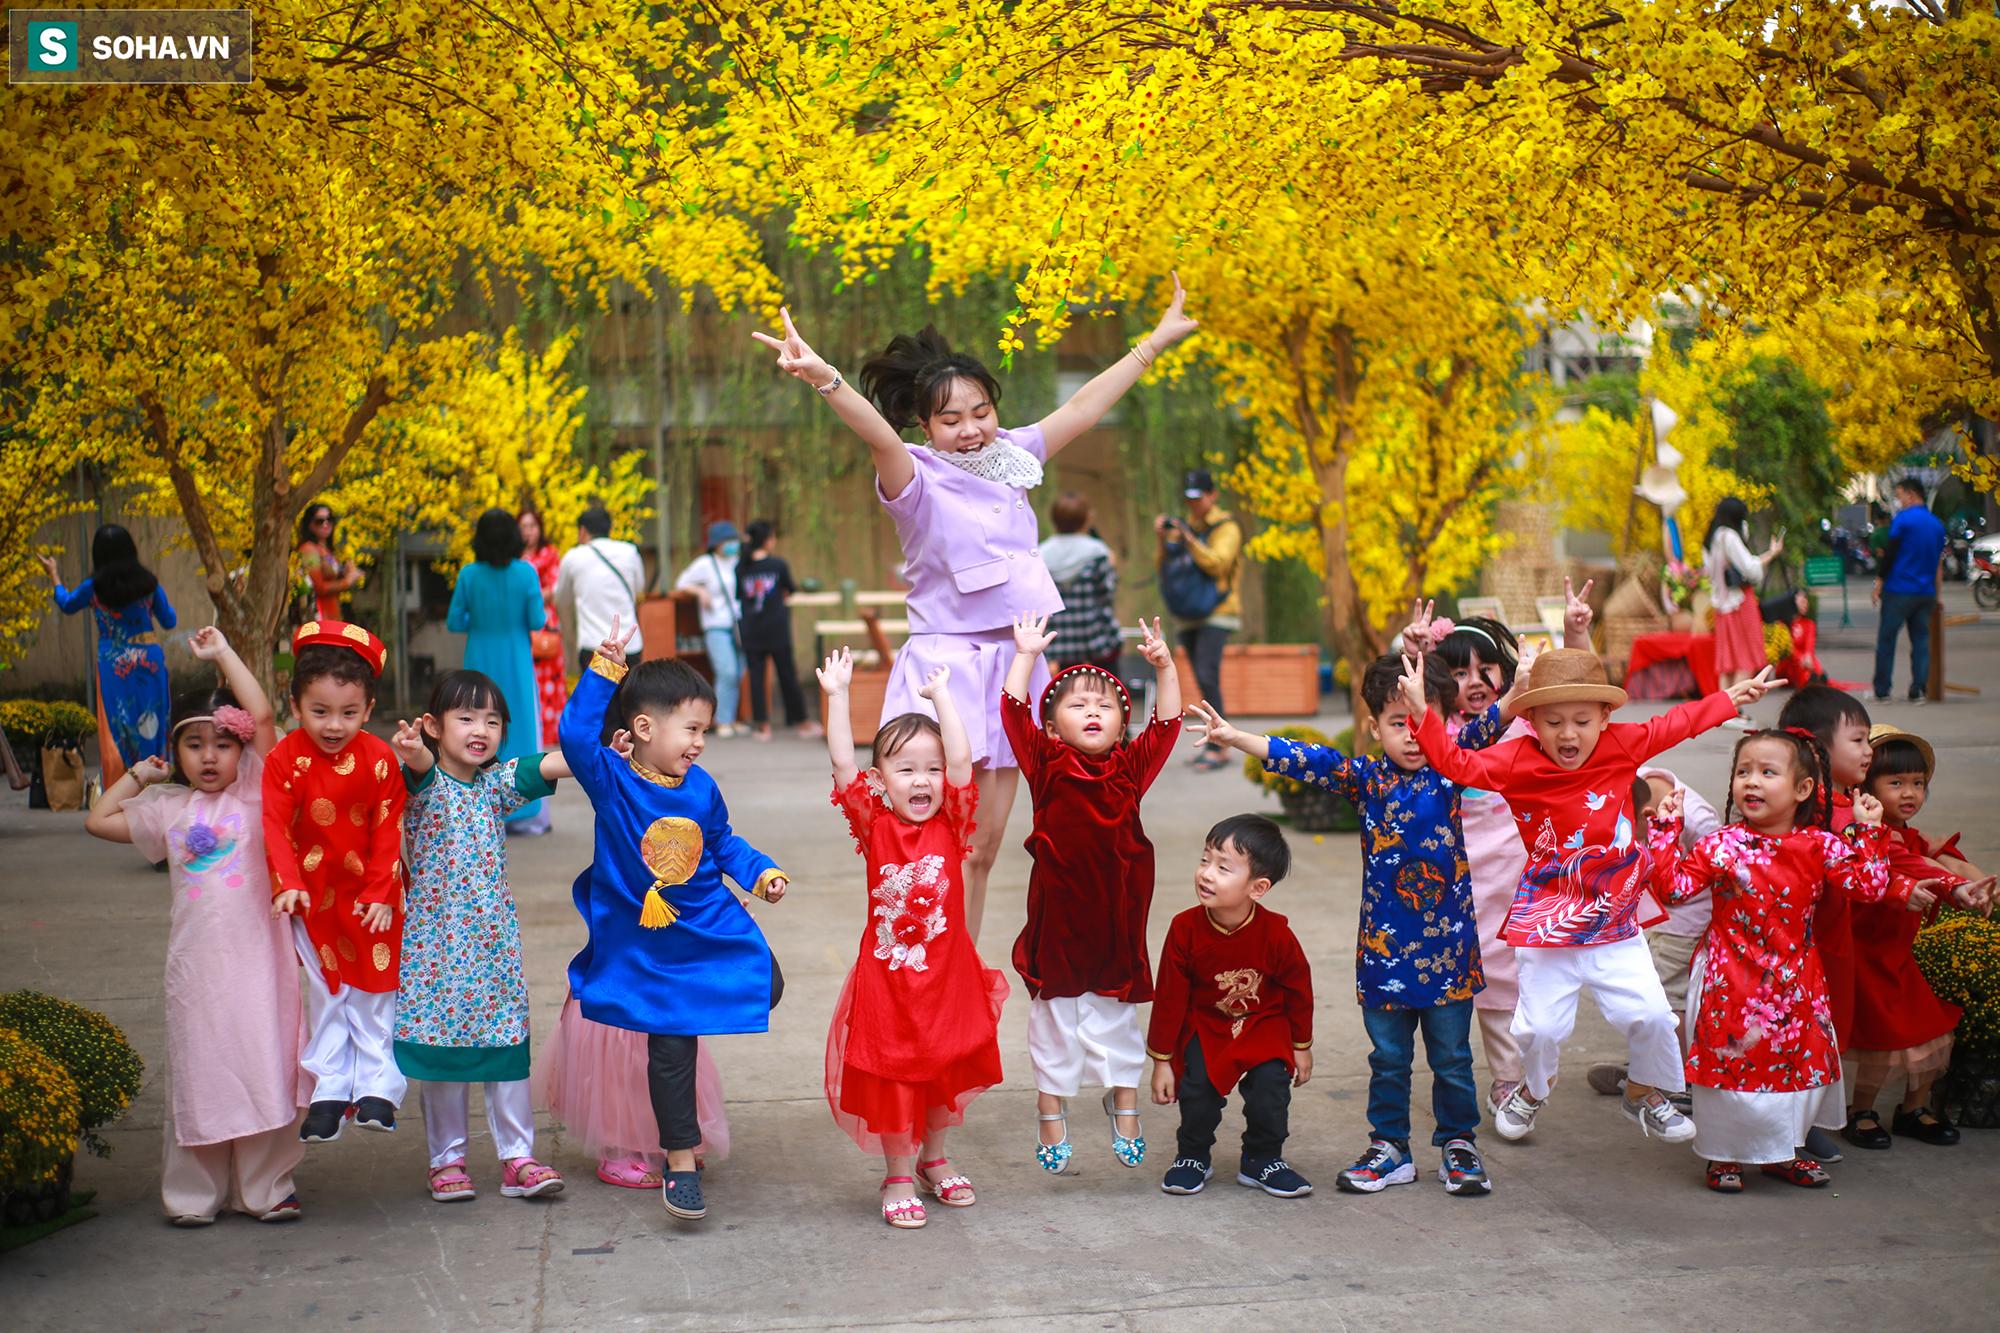 [Ảnh] Thiếu nữ Sài Gòn xinh đẹp xúng xính áo dài check-in sống ảo ở con đường hoa mai - Ảnh 17.